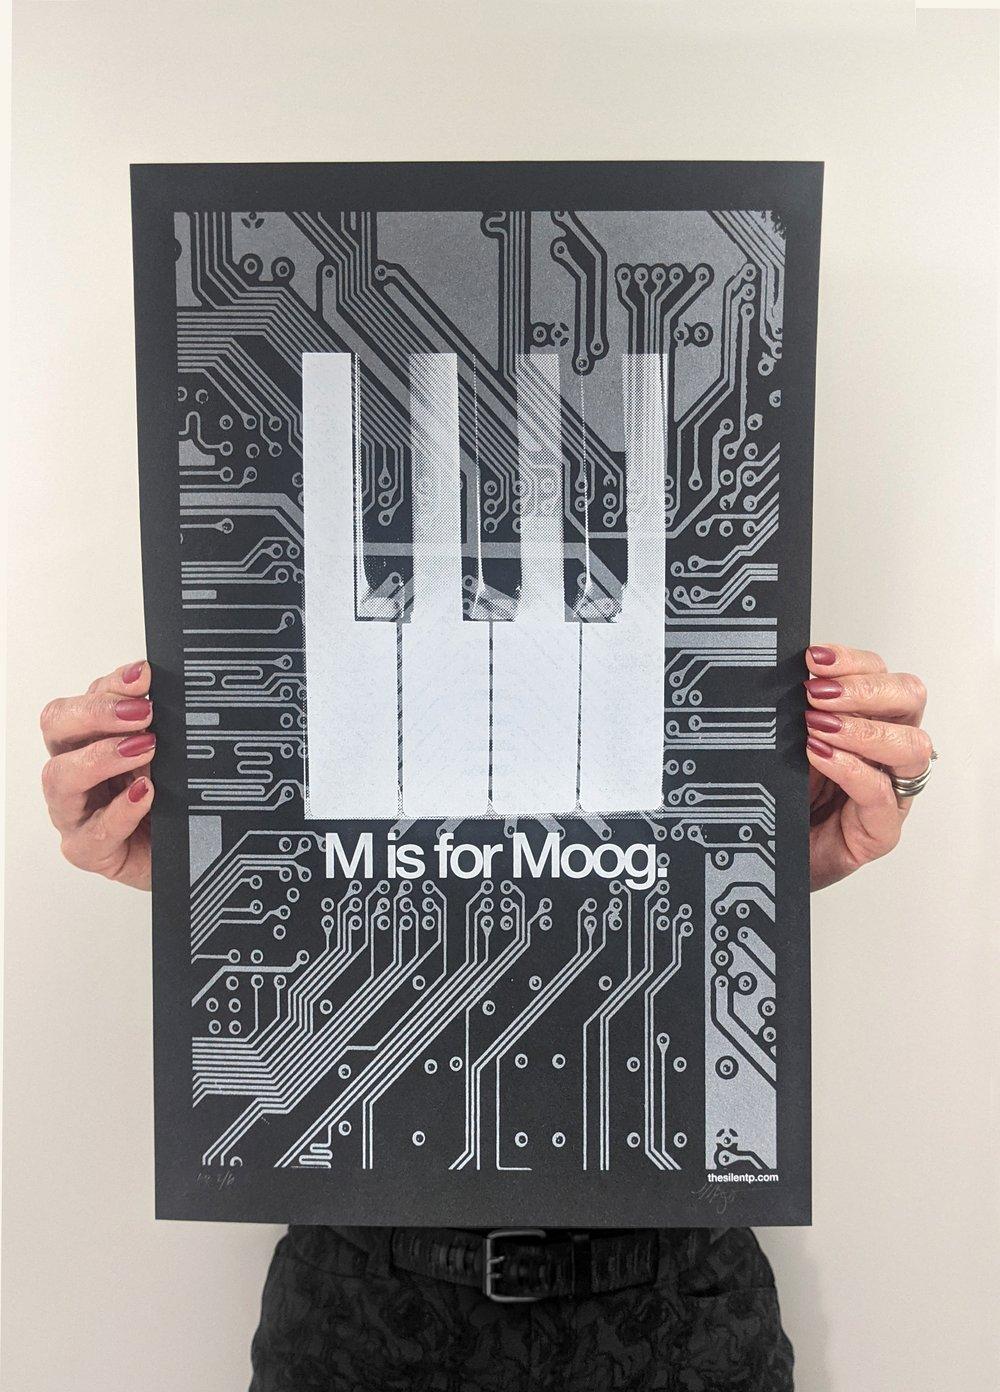 M is for Moog - EV3